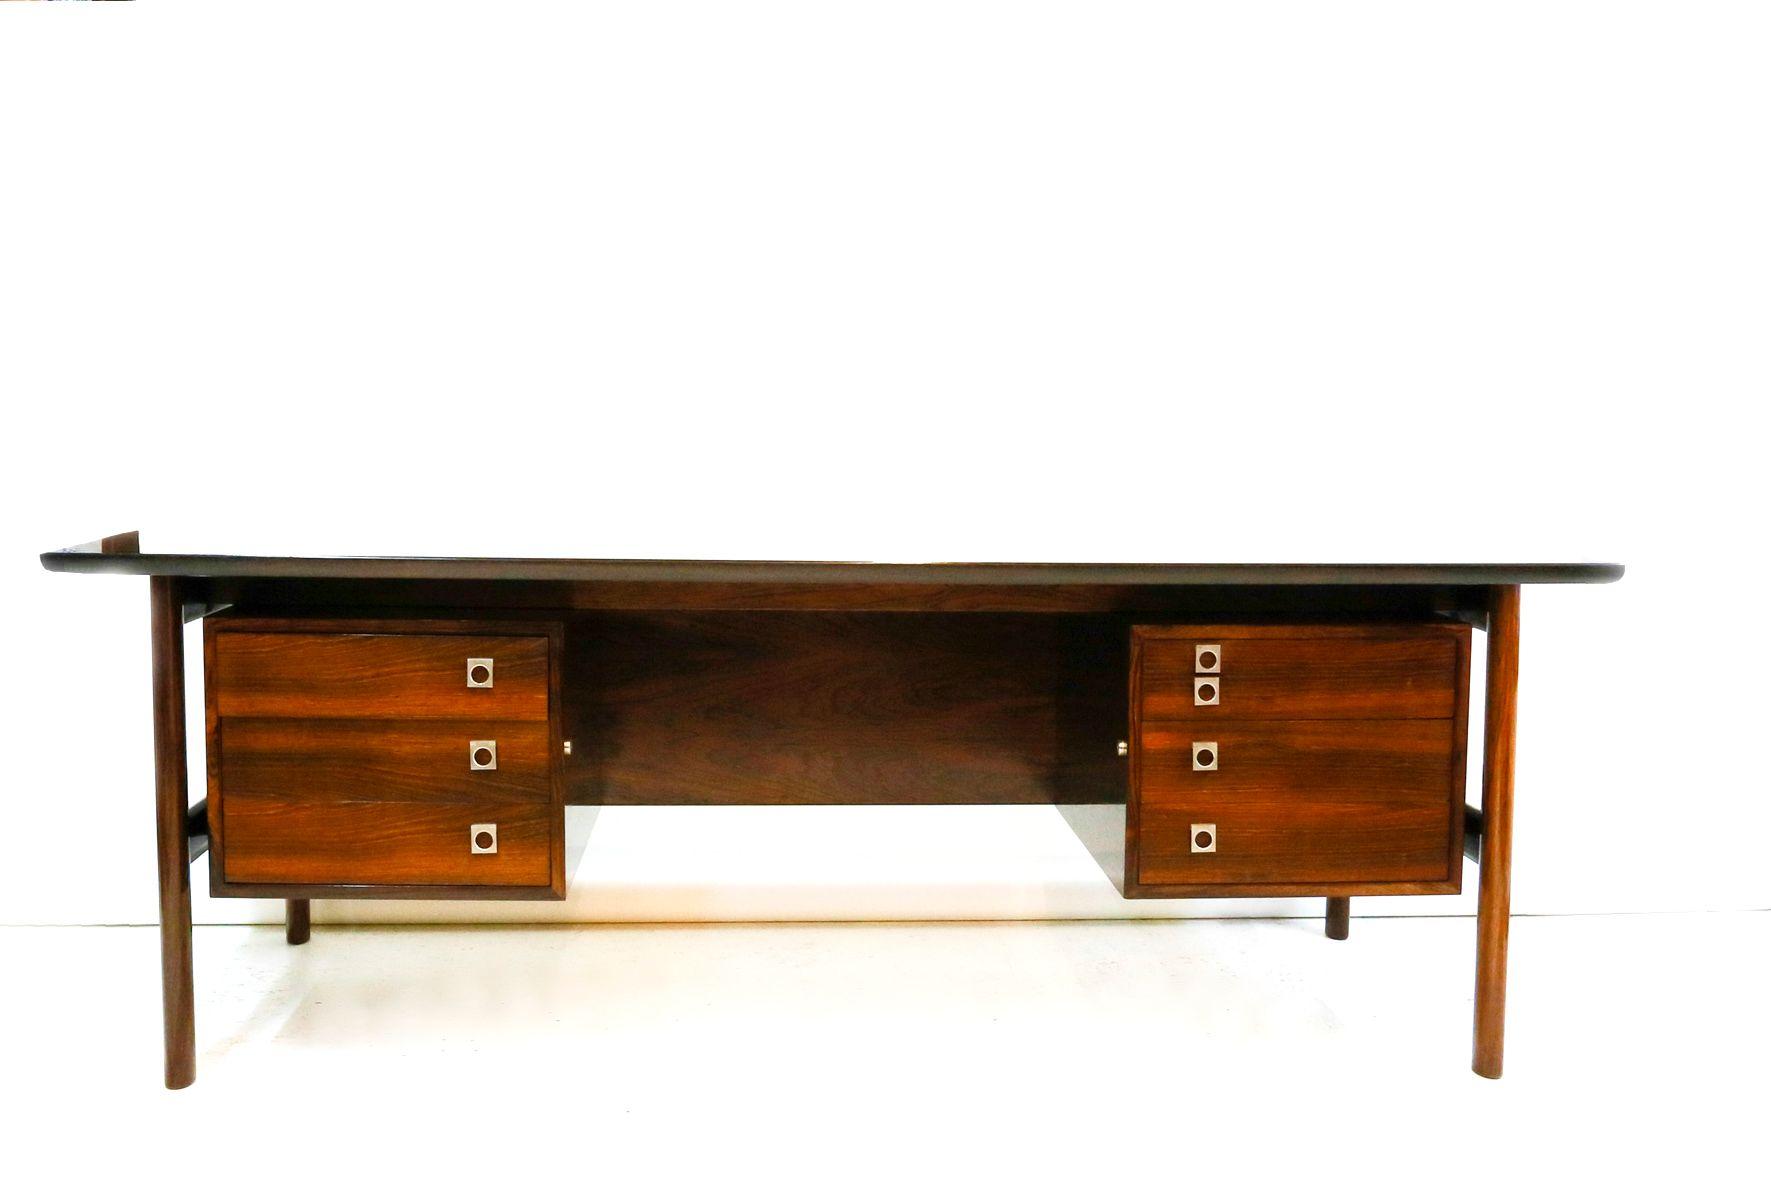 gro er palisander schreibtisch von arne vodder f r sibast. Black Bedroom Furniture Sets. Home Design Ideas